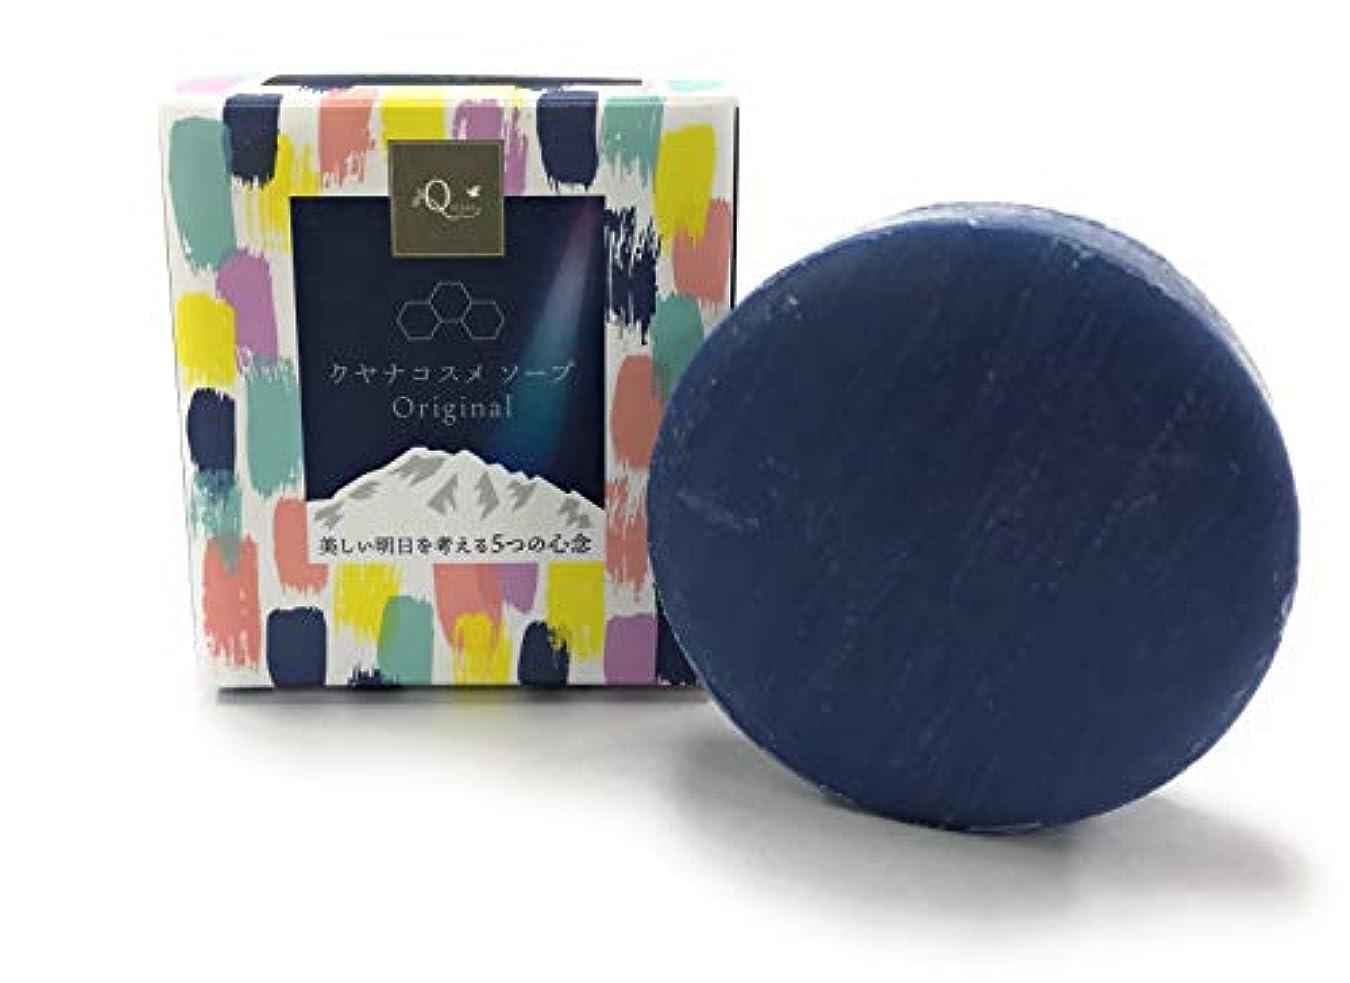 コテージクラフトシートクヤナ クヤナソープ 洗顔石鹸 はちみつ 自然の成分で洗う優しいせっけん 90g